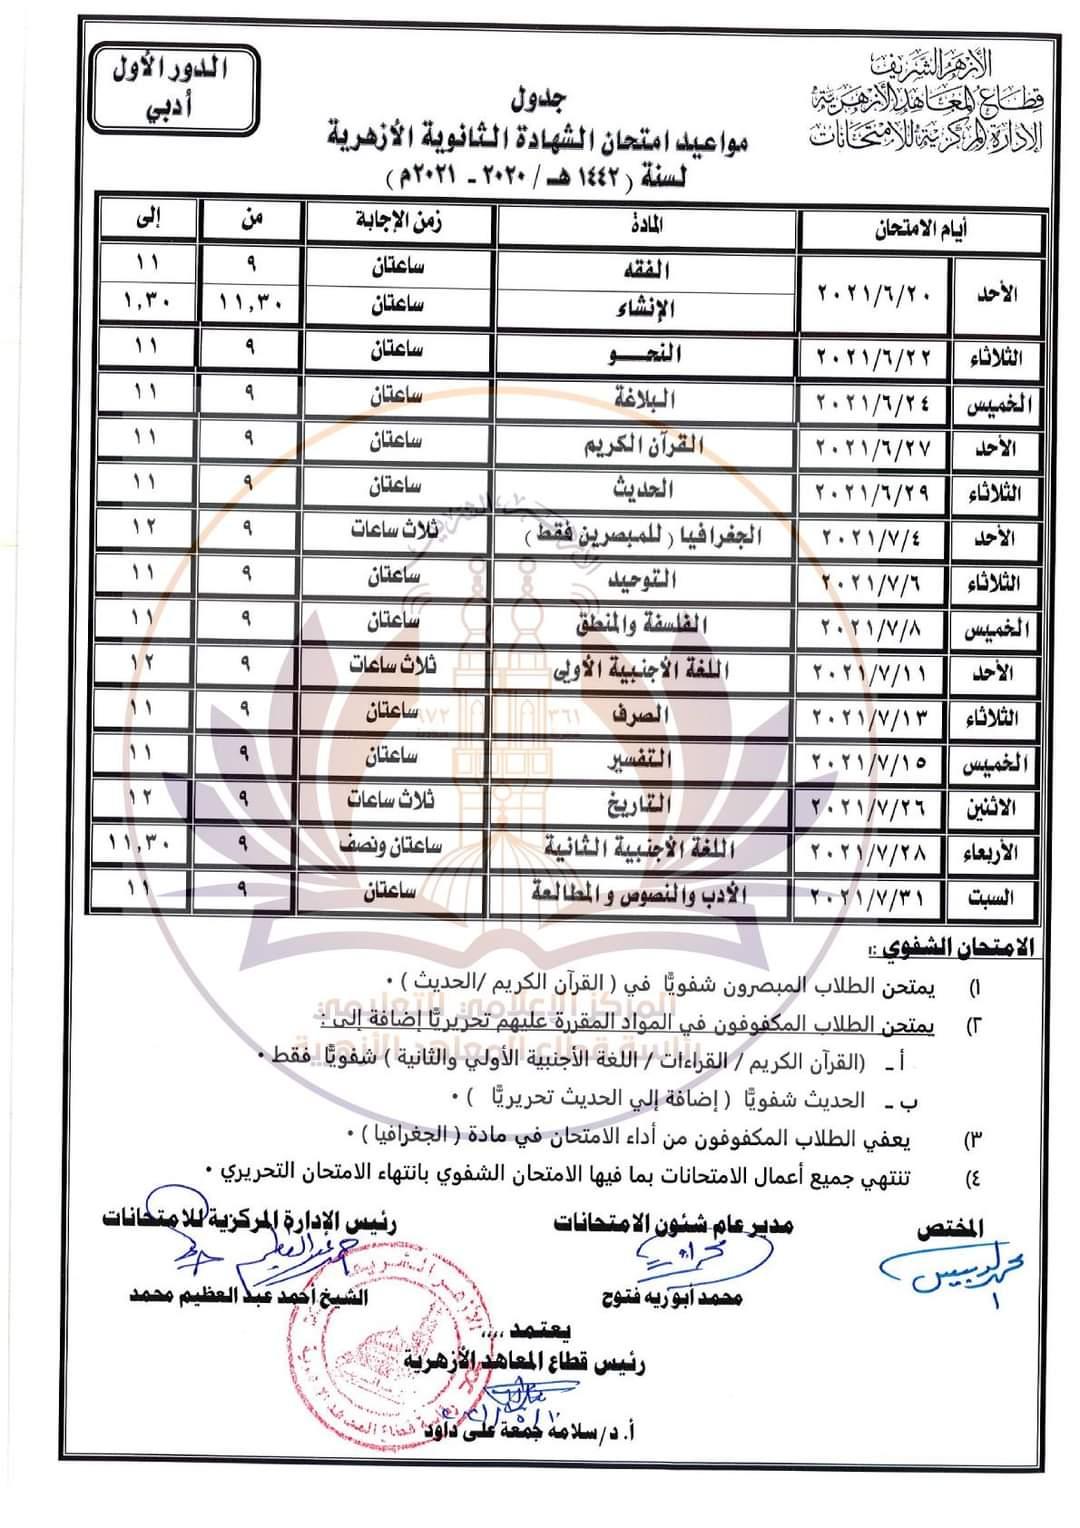 جدول امتحانات الثانوية الأزهرية  (2)